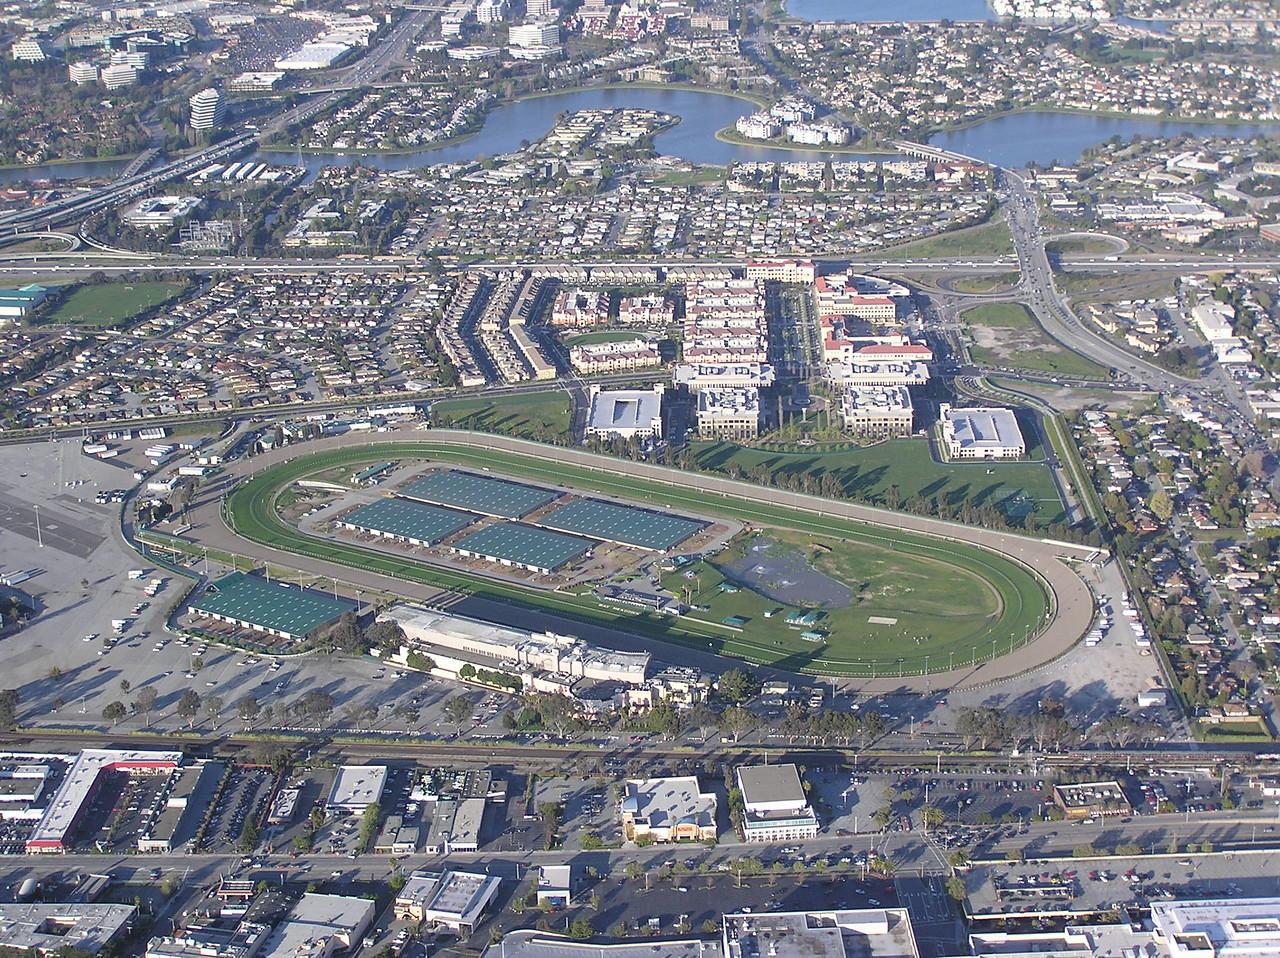 Bay Meadows racetrack